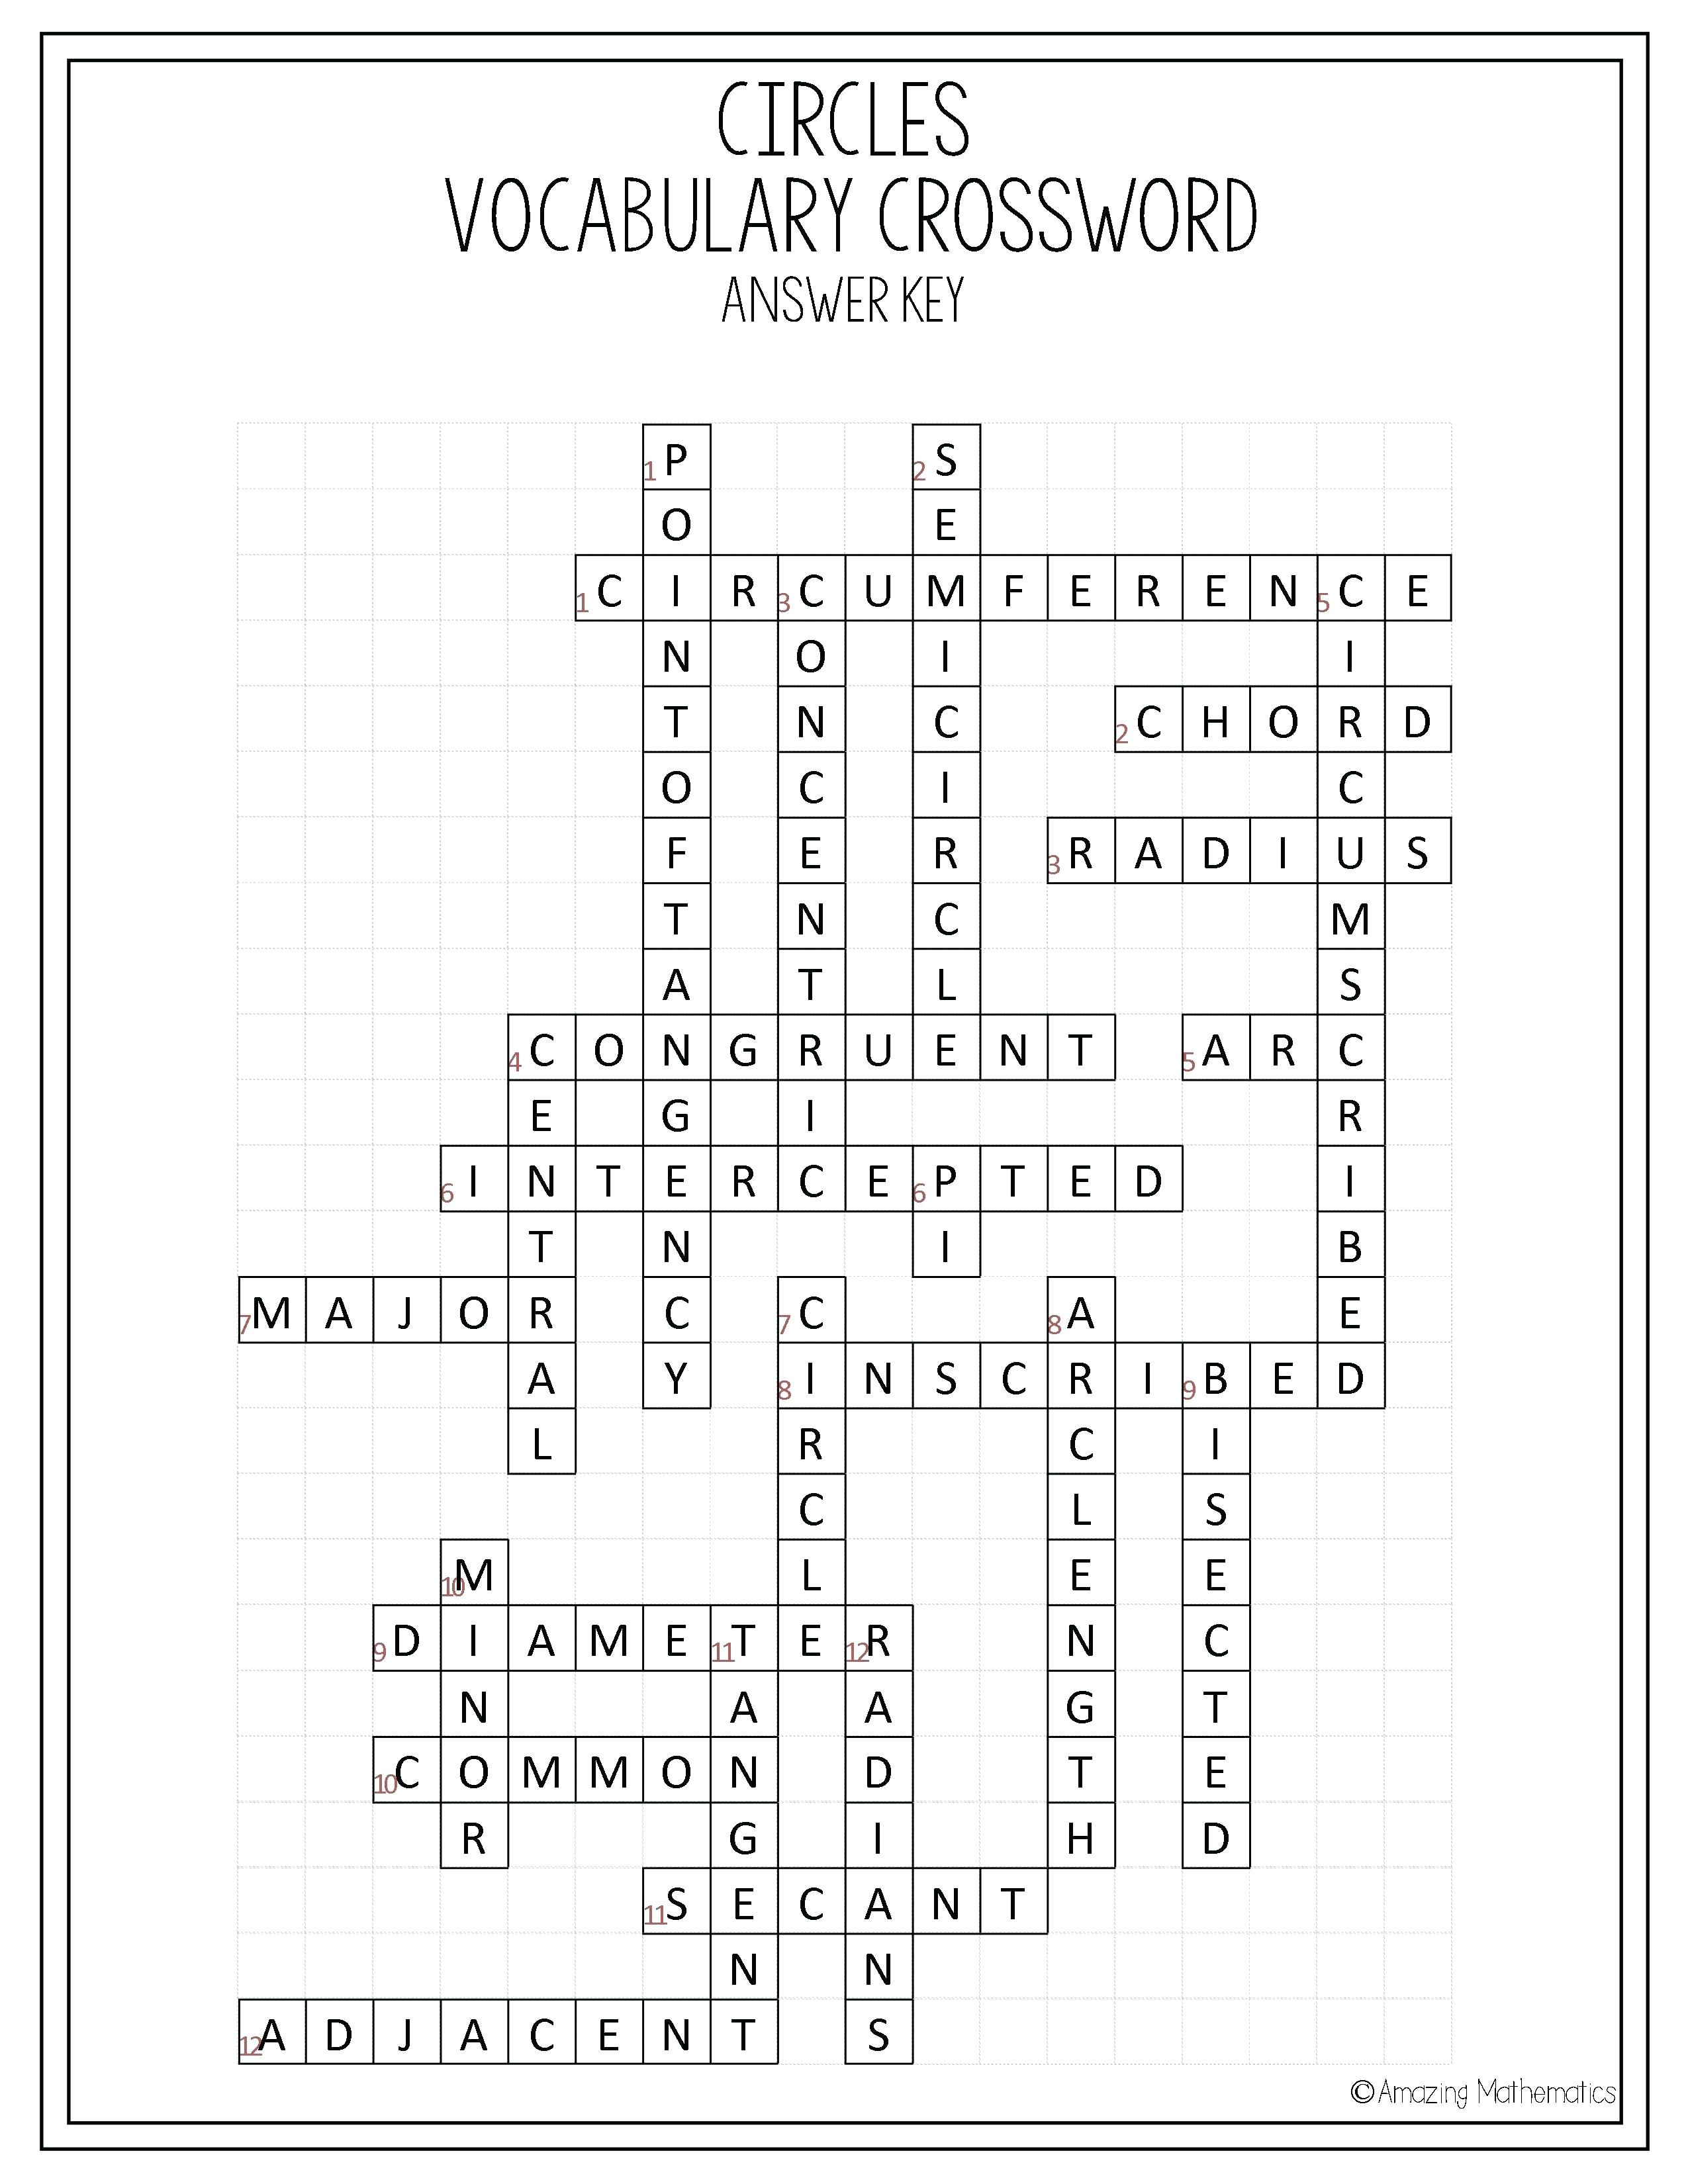 Geometry Crossword Puzzles - Yapis.sticken.co - Algebra 2 Crossword Puzzles Printable